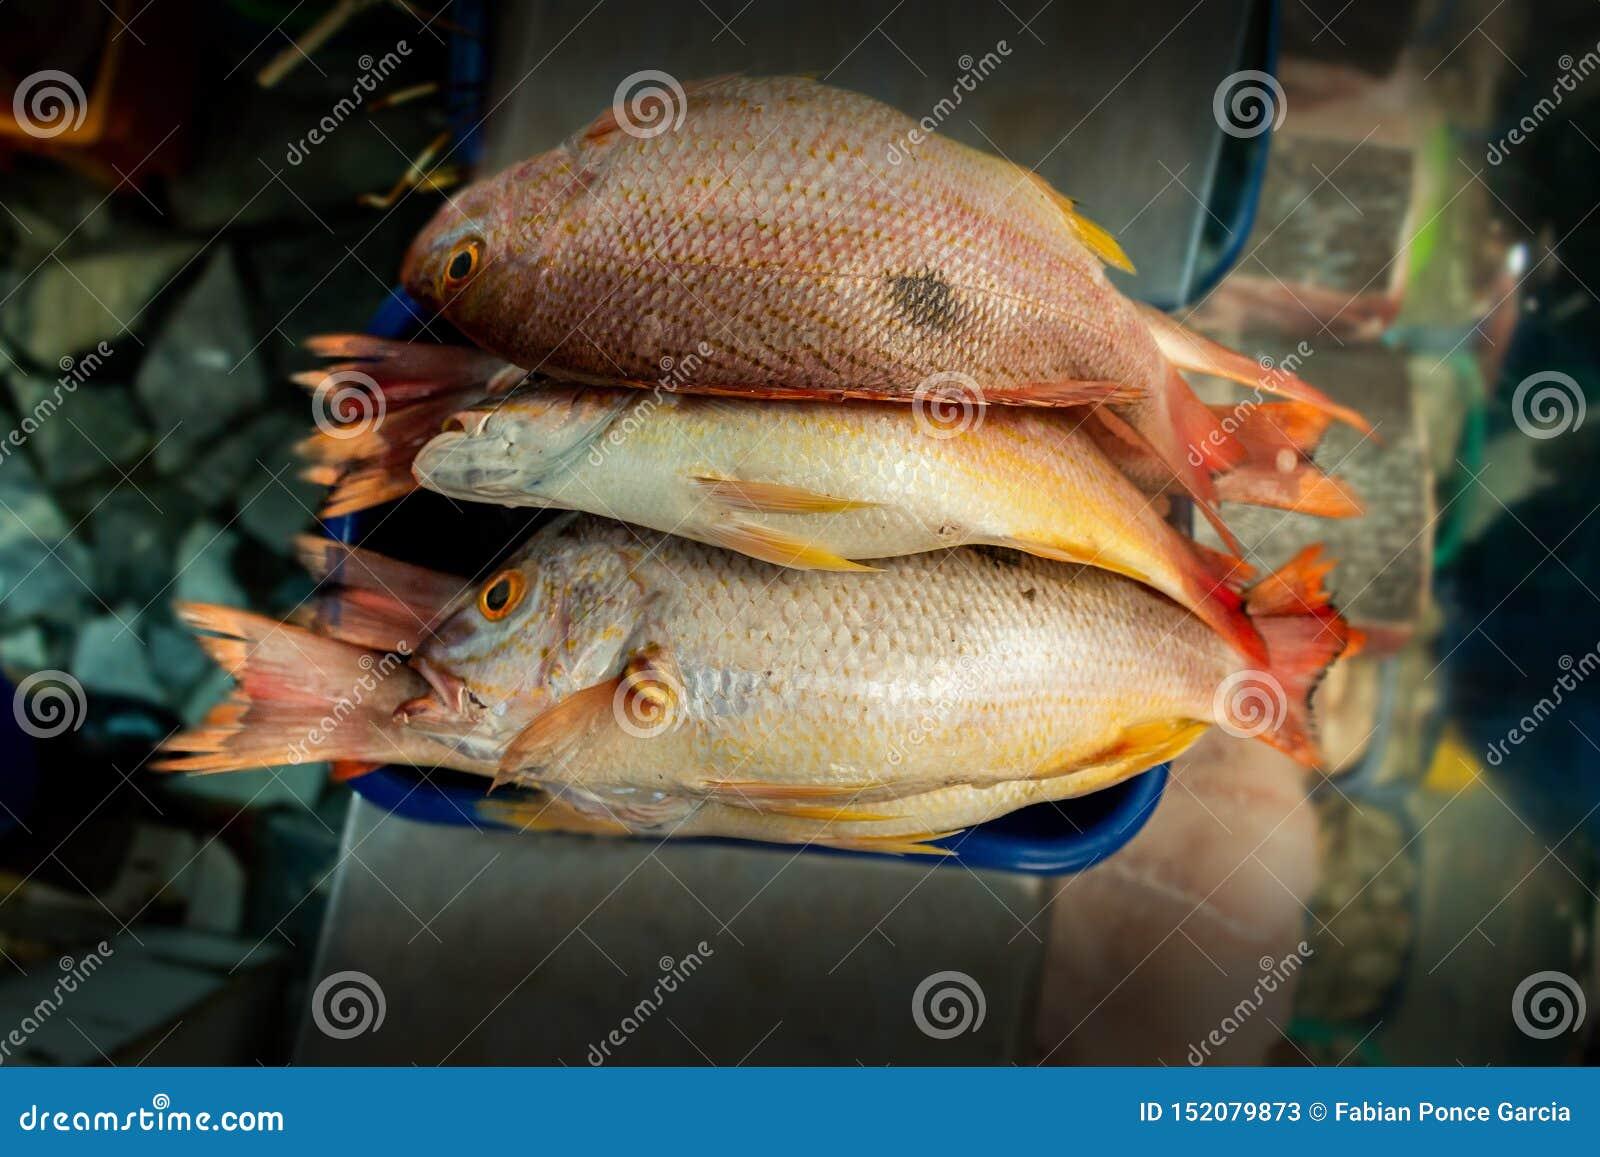 Gruppo di pesce visualizzato in un mercato con fondo unfocused